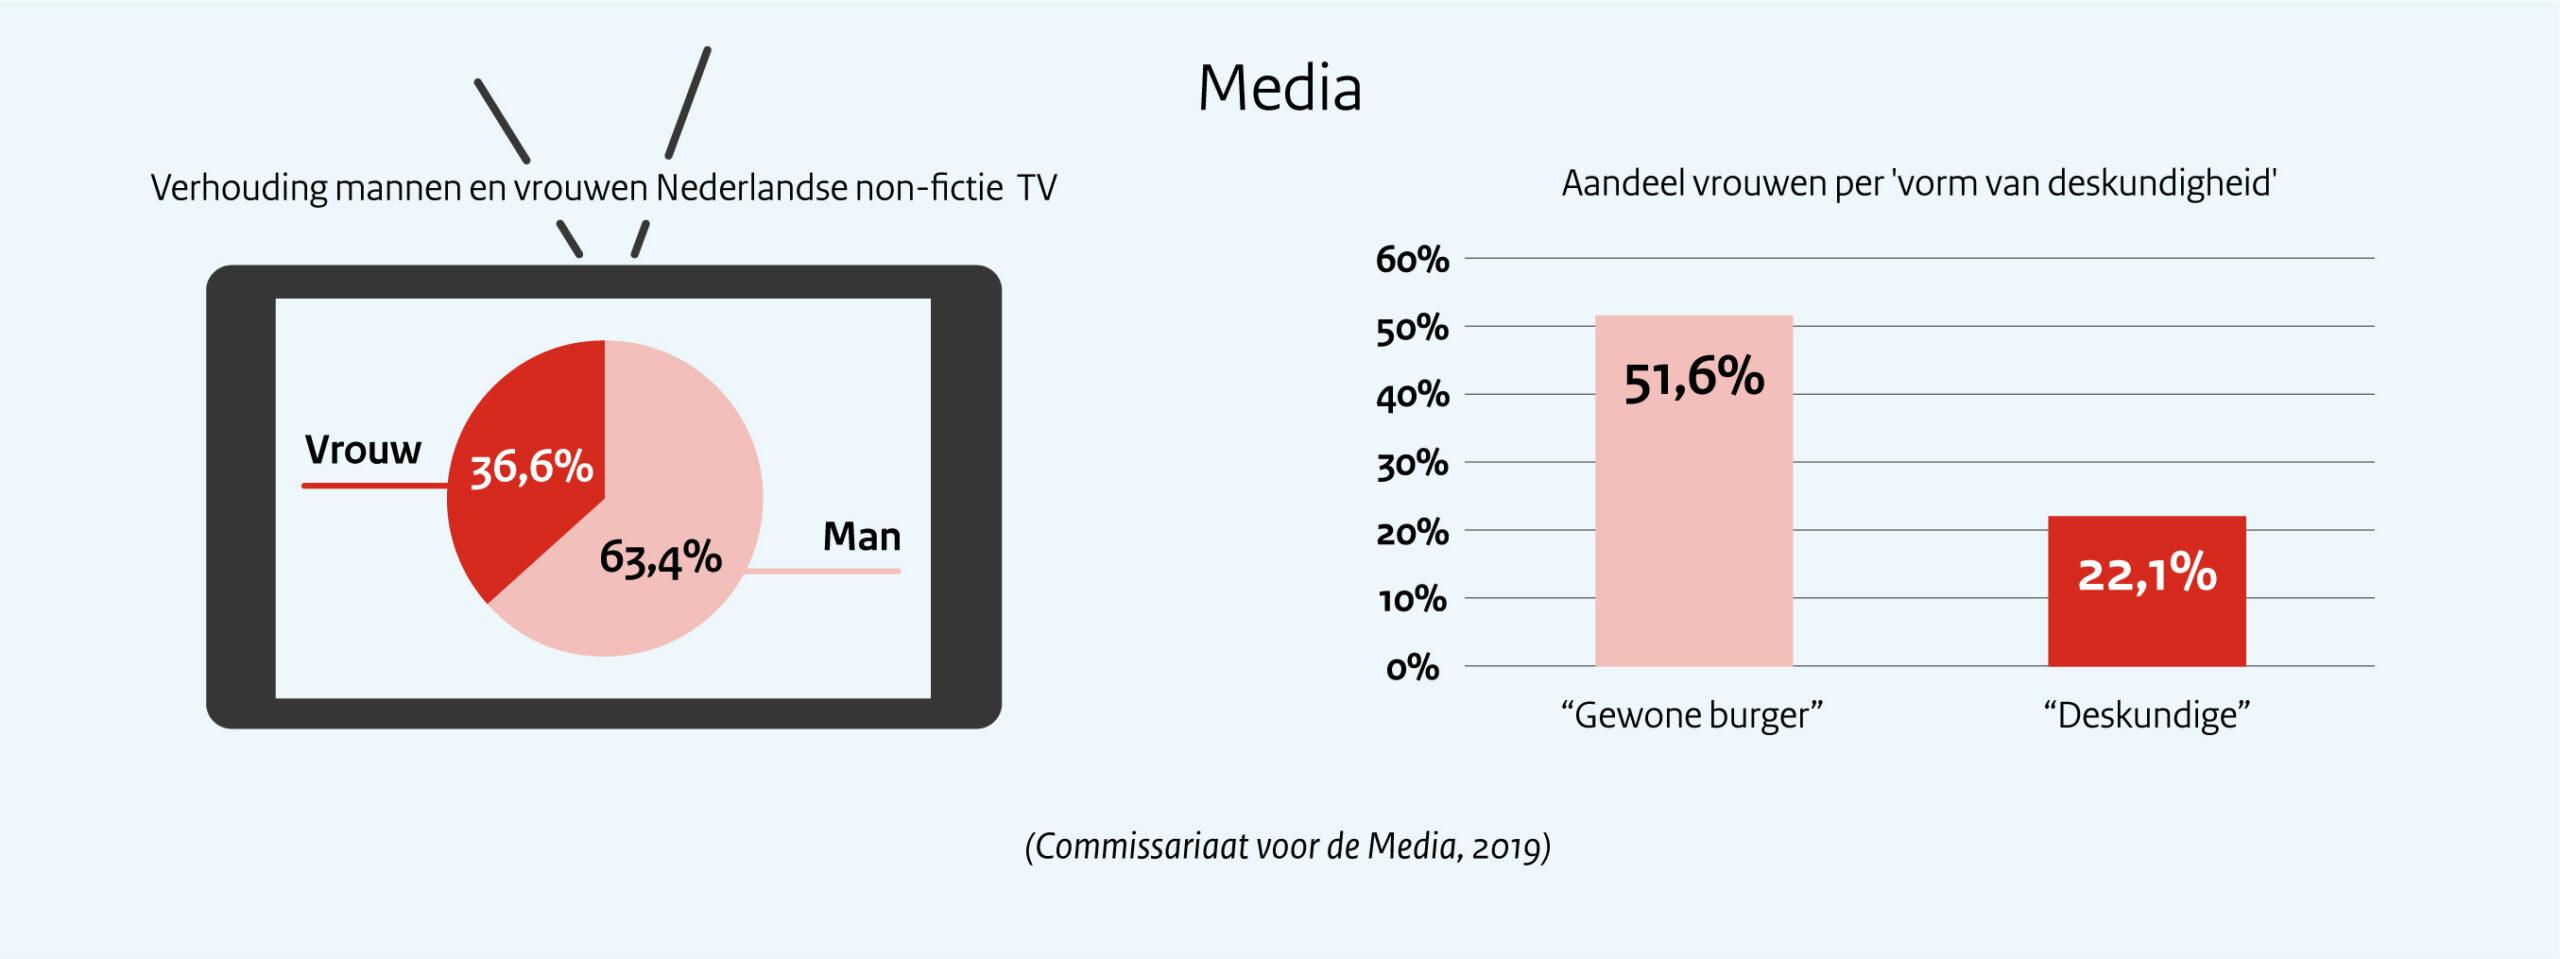 Verhouding mannen en vrouwen Nederlandse non-fictie TV.  In 2019 was het aandeel vrouwen in Nederlandse non-fictie televisieprogramma's 36,6 procent.   Aandeel vrouwen per 'vorm van deskundigheid'.  Vrouwelijke nieuwsbronnen zijn meer dan mannen in beeld als een gewone burger op straat (51,6 procent), maar minder in beeld met toenemende deskundigheid (22,1 procent).  Deze cijfers komen uit het rapport over de representatie van vrouwen en mannen op televisie dat het Commissariaat voor de Media in 2019 uitbracht.